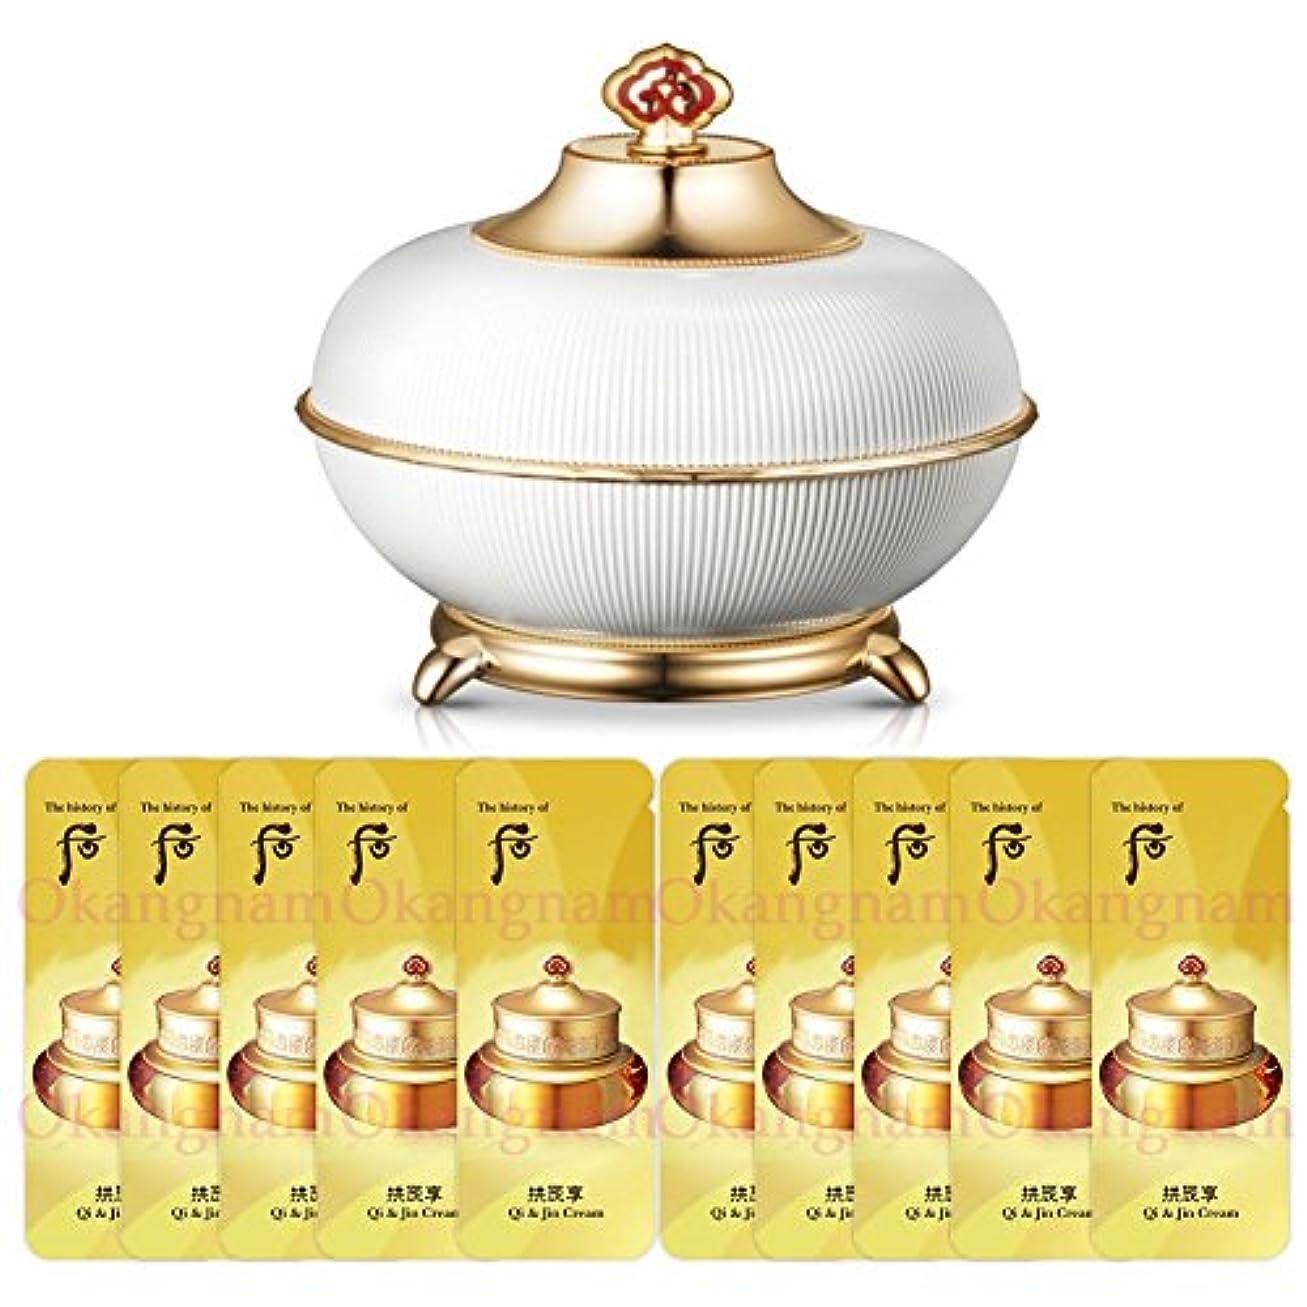 エクステント有効慢【フー/The history of whoo] Whoo 后 MOH02 Secret Court Cream/后(フー) ミョンイヒャン ビダンゴ 50ml + [Sample Gift](海外直送品)